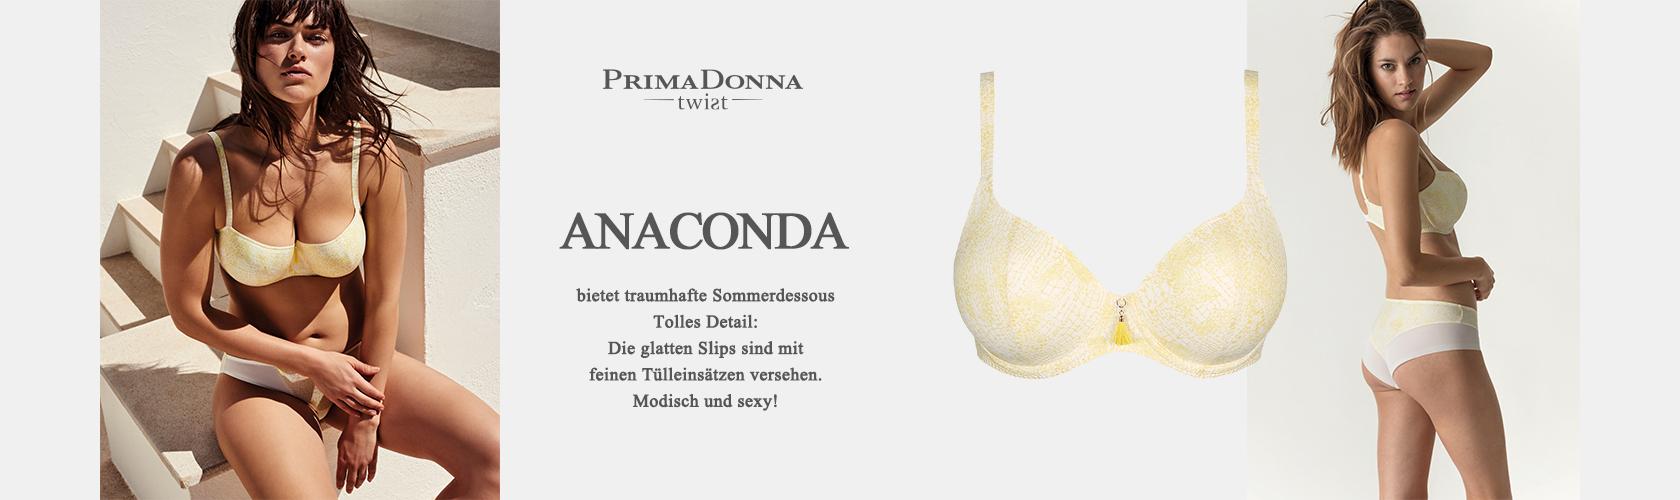 Slideshow ANACONDA SGO 24.05.